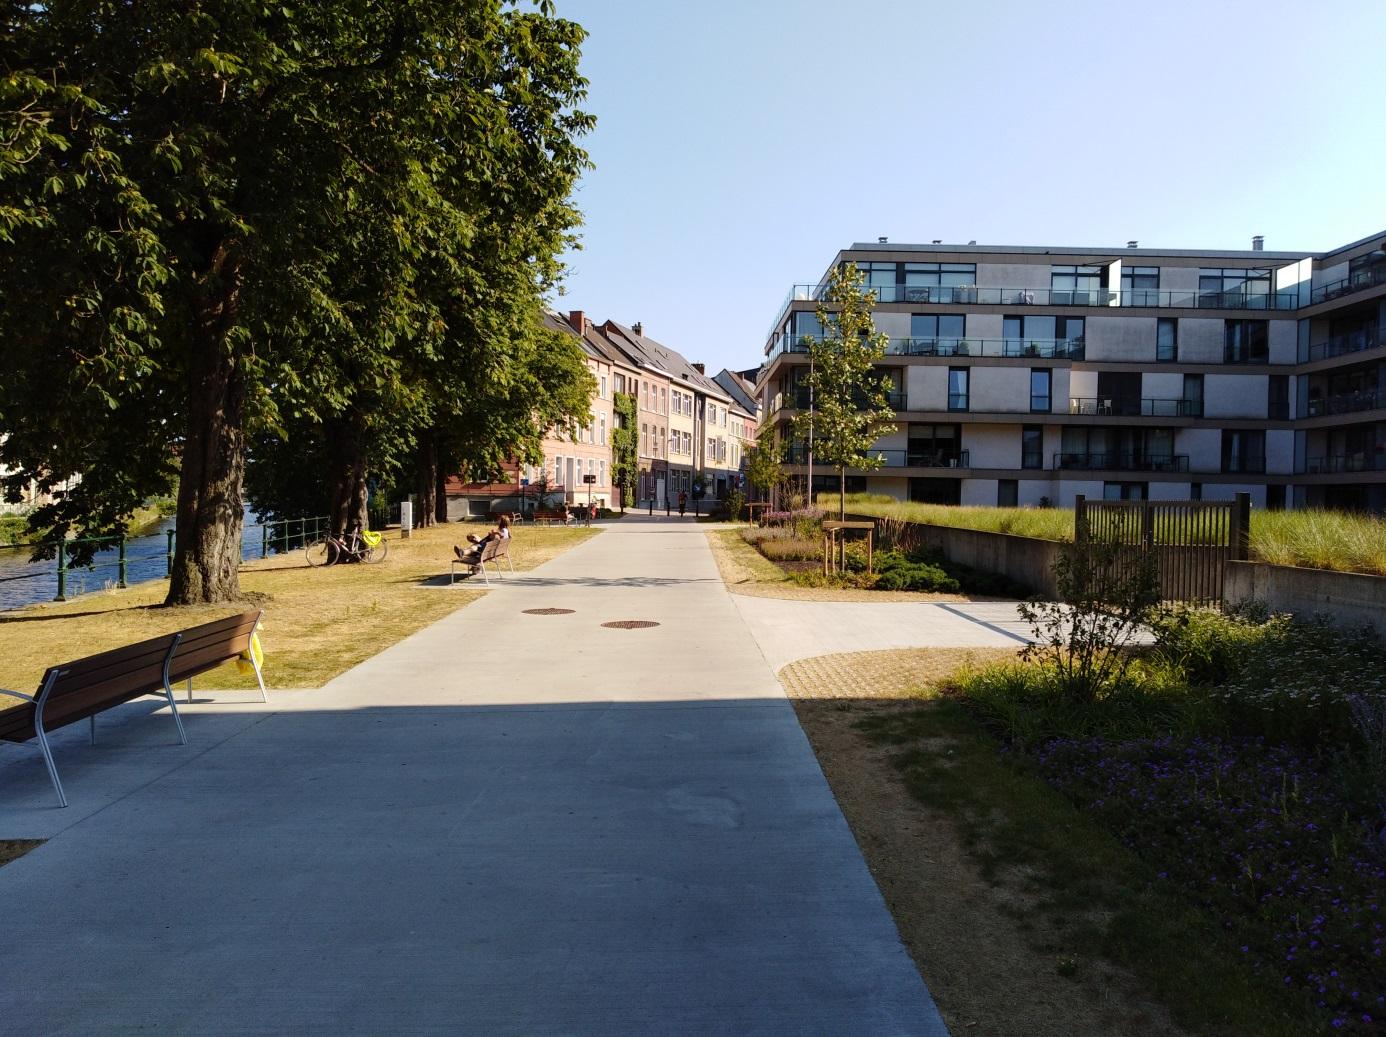 <h2>Koepoortkaai</h2><div>De Koepoortkaai werd omgetoverd van een grijze kassei- en asfaltvlakte tot een groene fiets- en wandelas.</div>